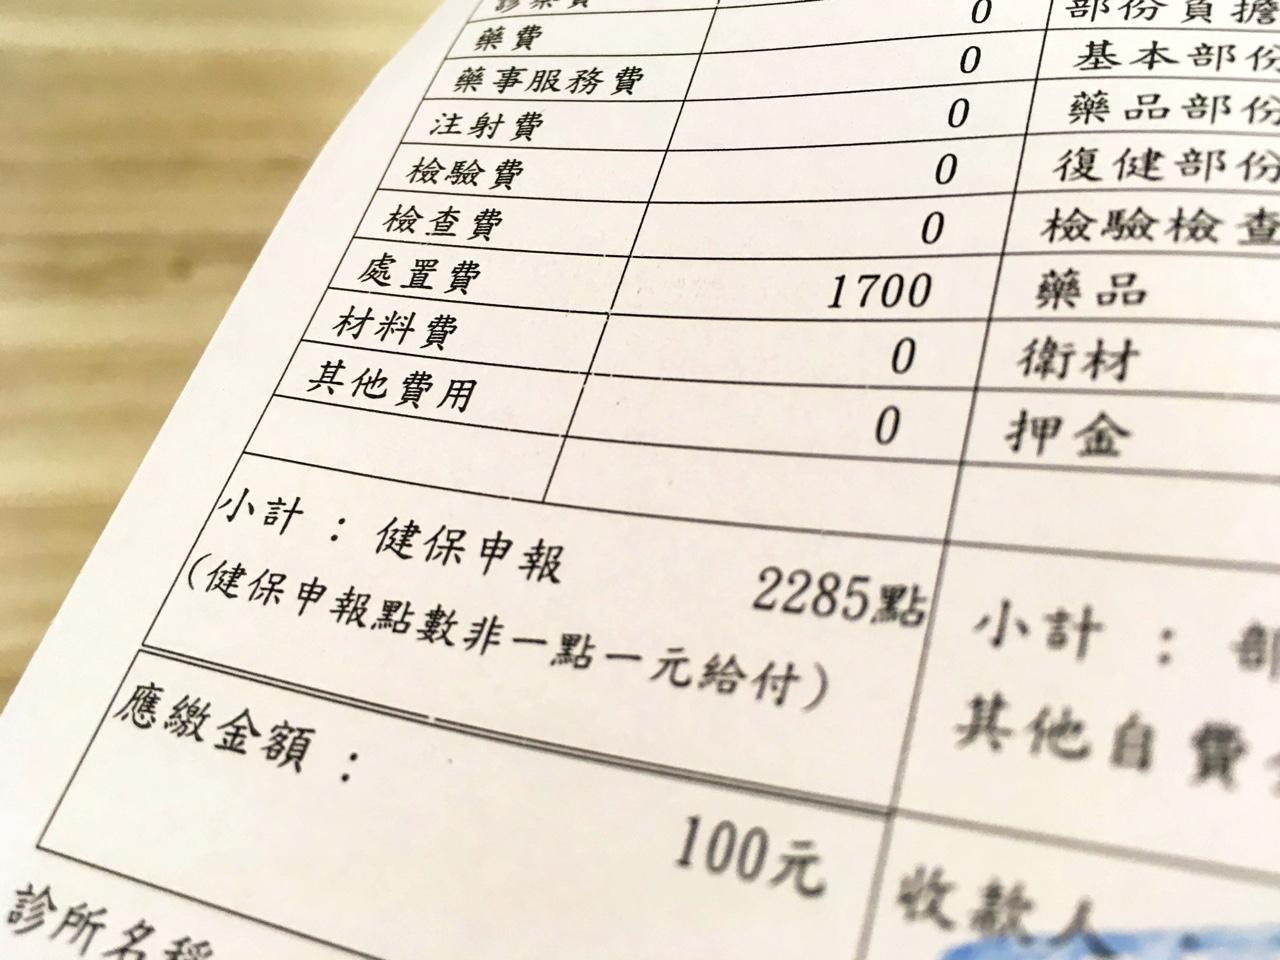 台湾の歯科の領収書